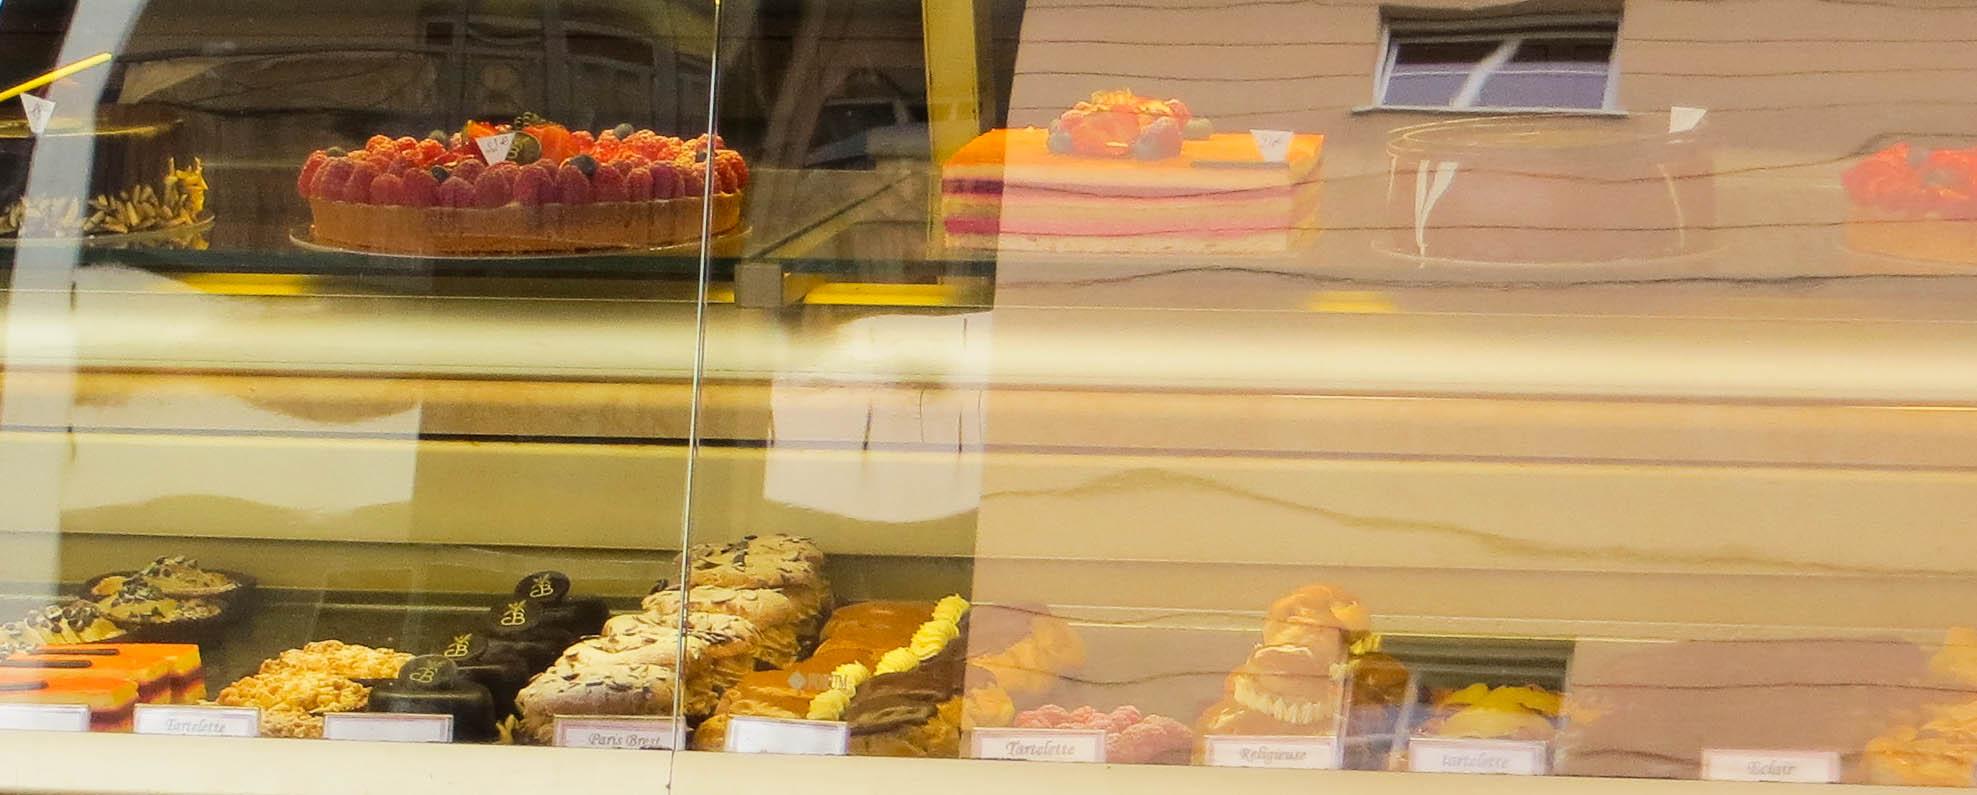 D tours en banlieue boulangerie bruno bussy saint - Piscine bussy saint georges ...